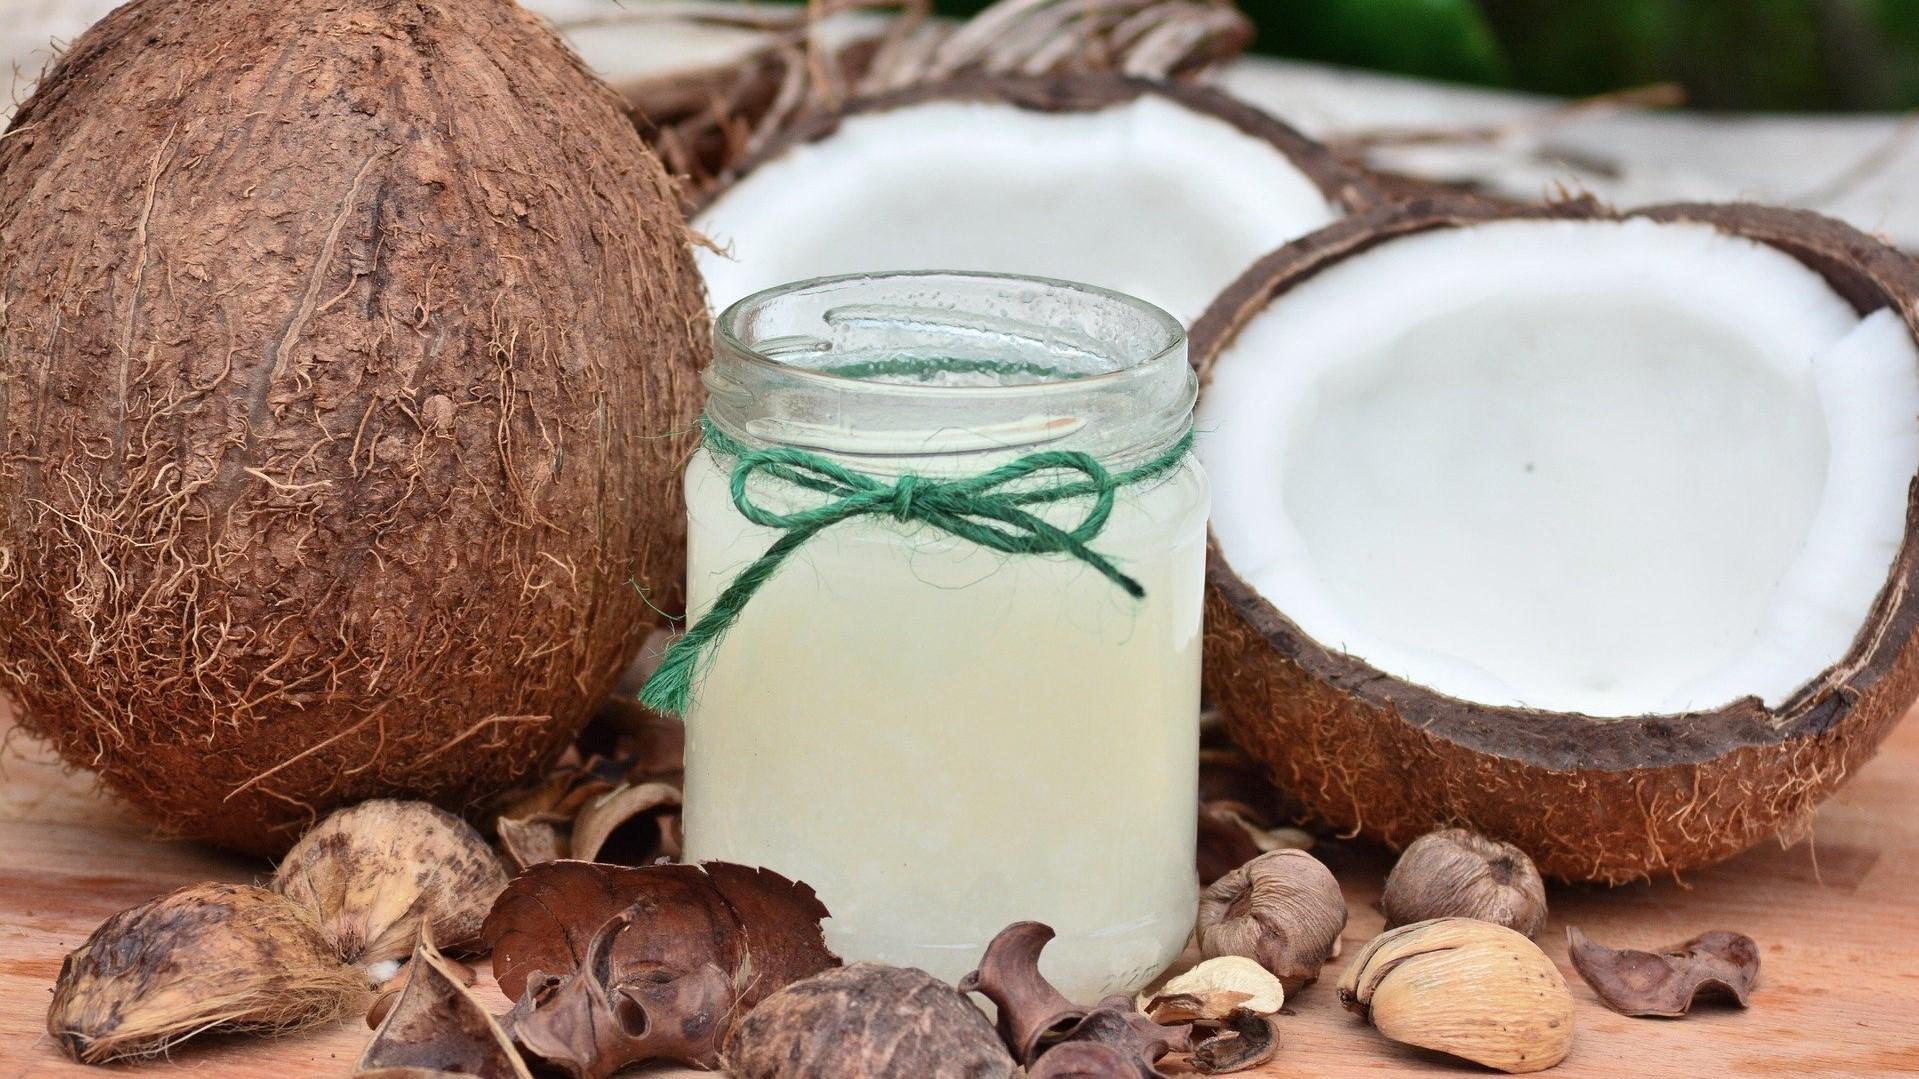 Kokosöl ist eine der Hauptzutaten der selbstgemachten veganen Butter.